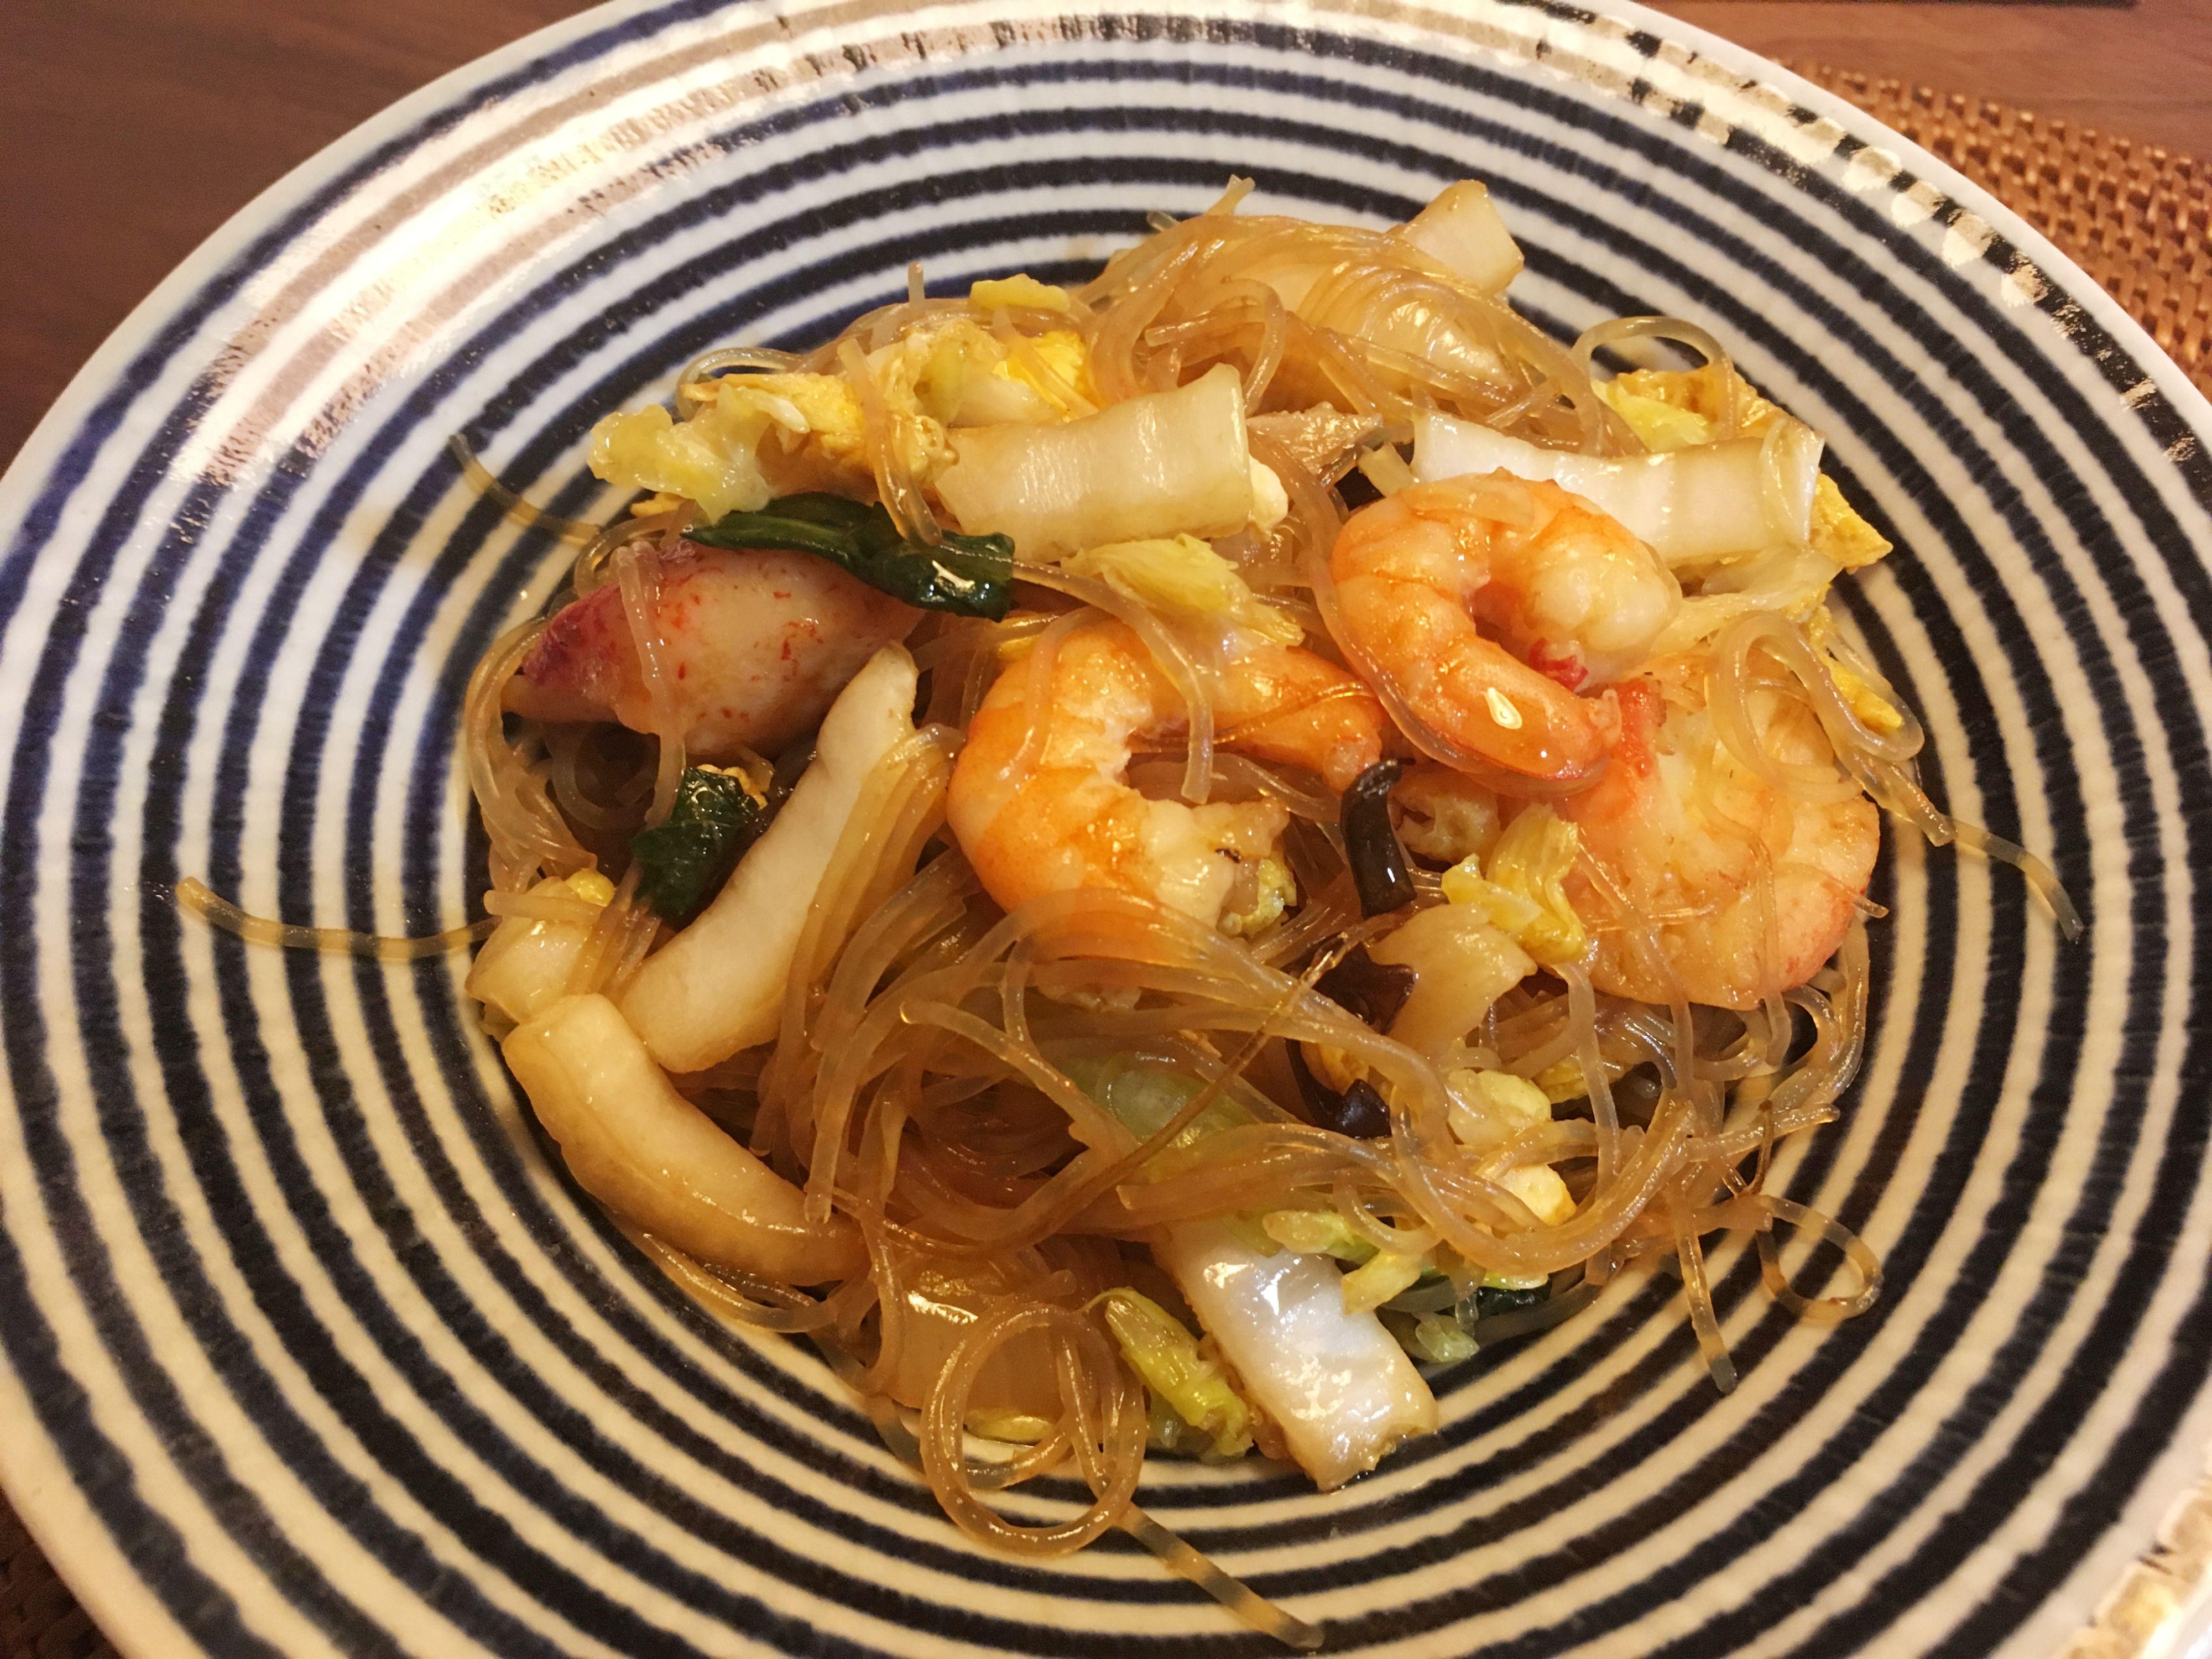 【料理】生協(コープ)のミールキット「ごま油香る!海鮮の中華春雨炒め」を作ってみた!